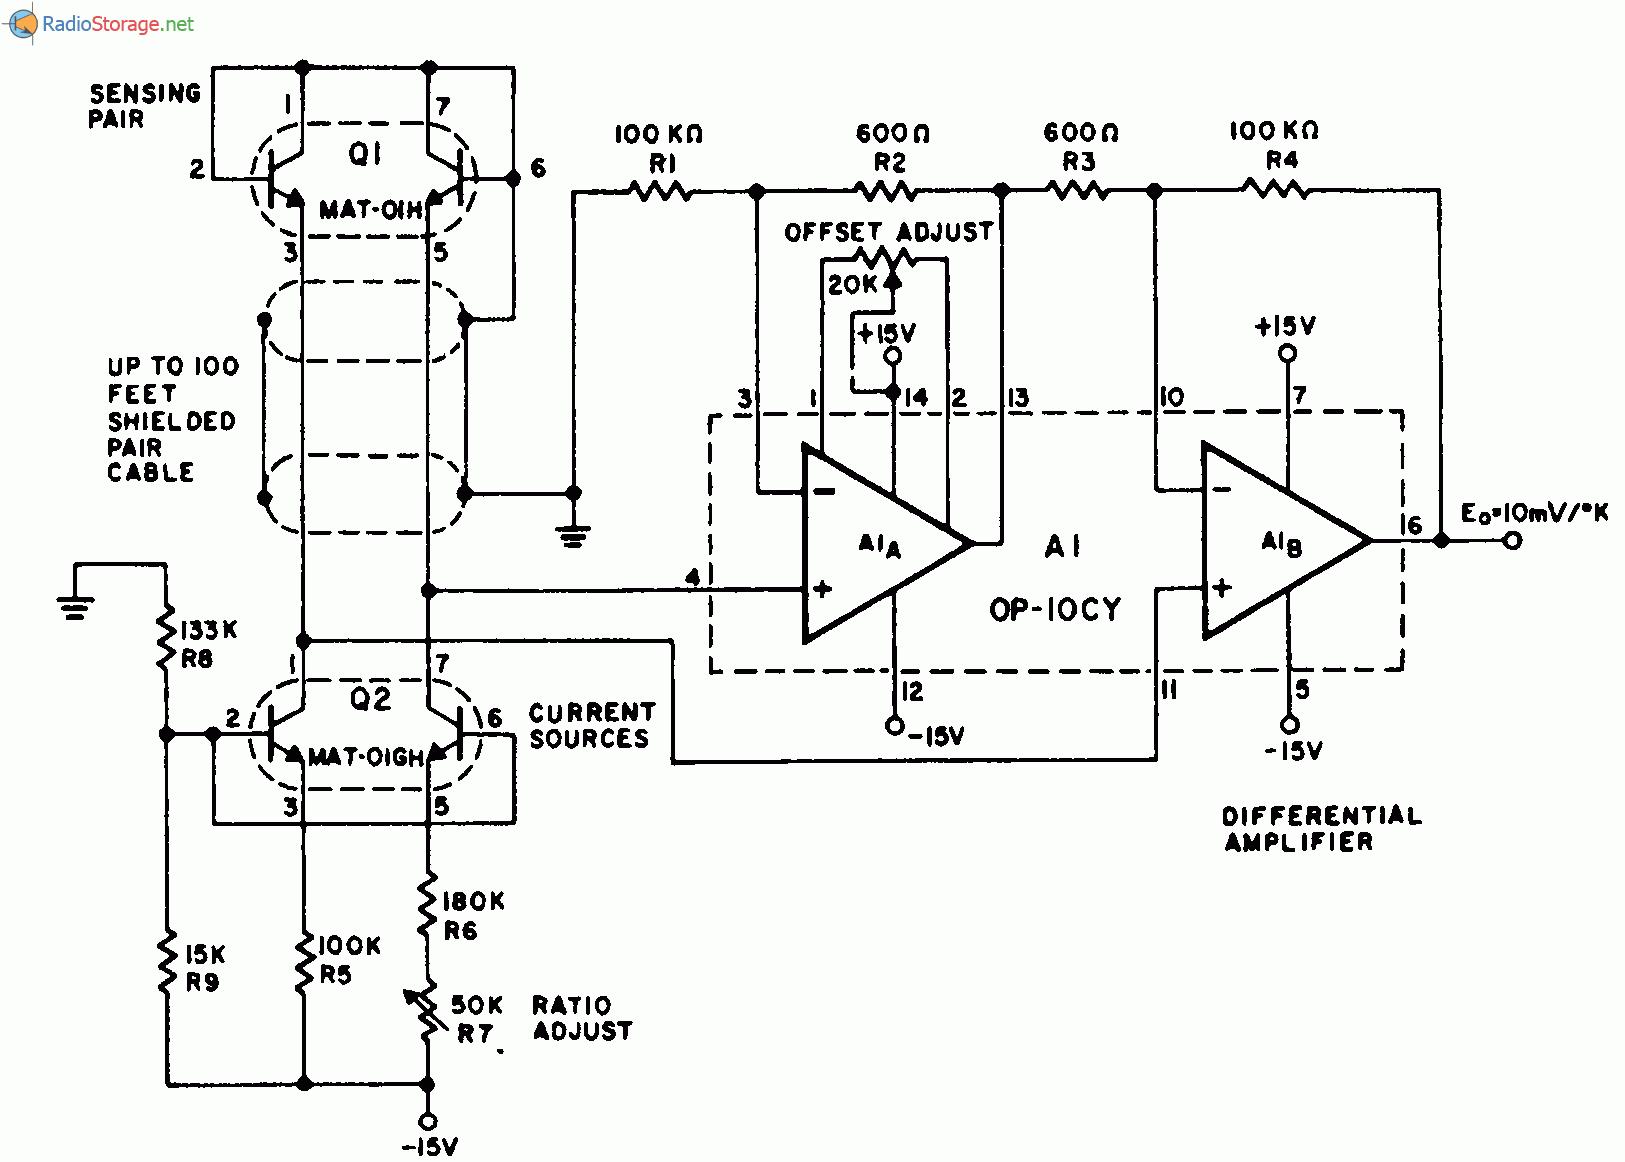 На приведенной схеме симметричная пара транзисторов QI типа МАТ-01Н компании Precision Monolithics измеряет...